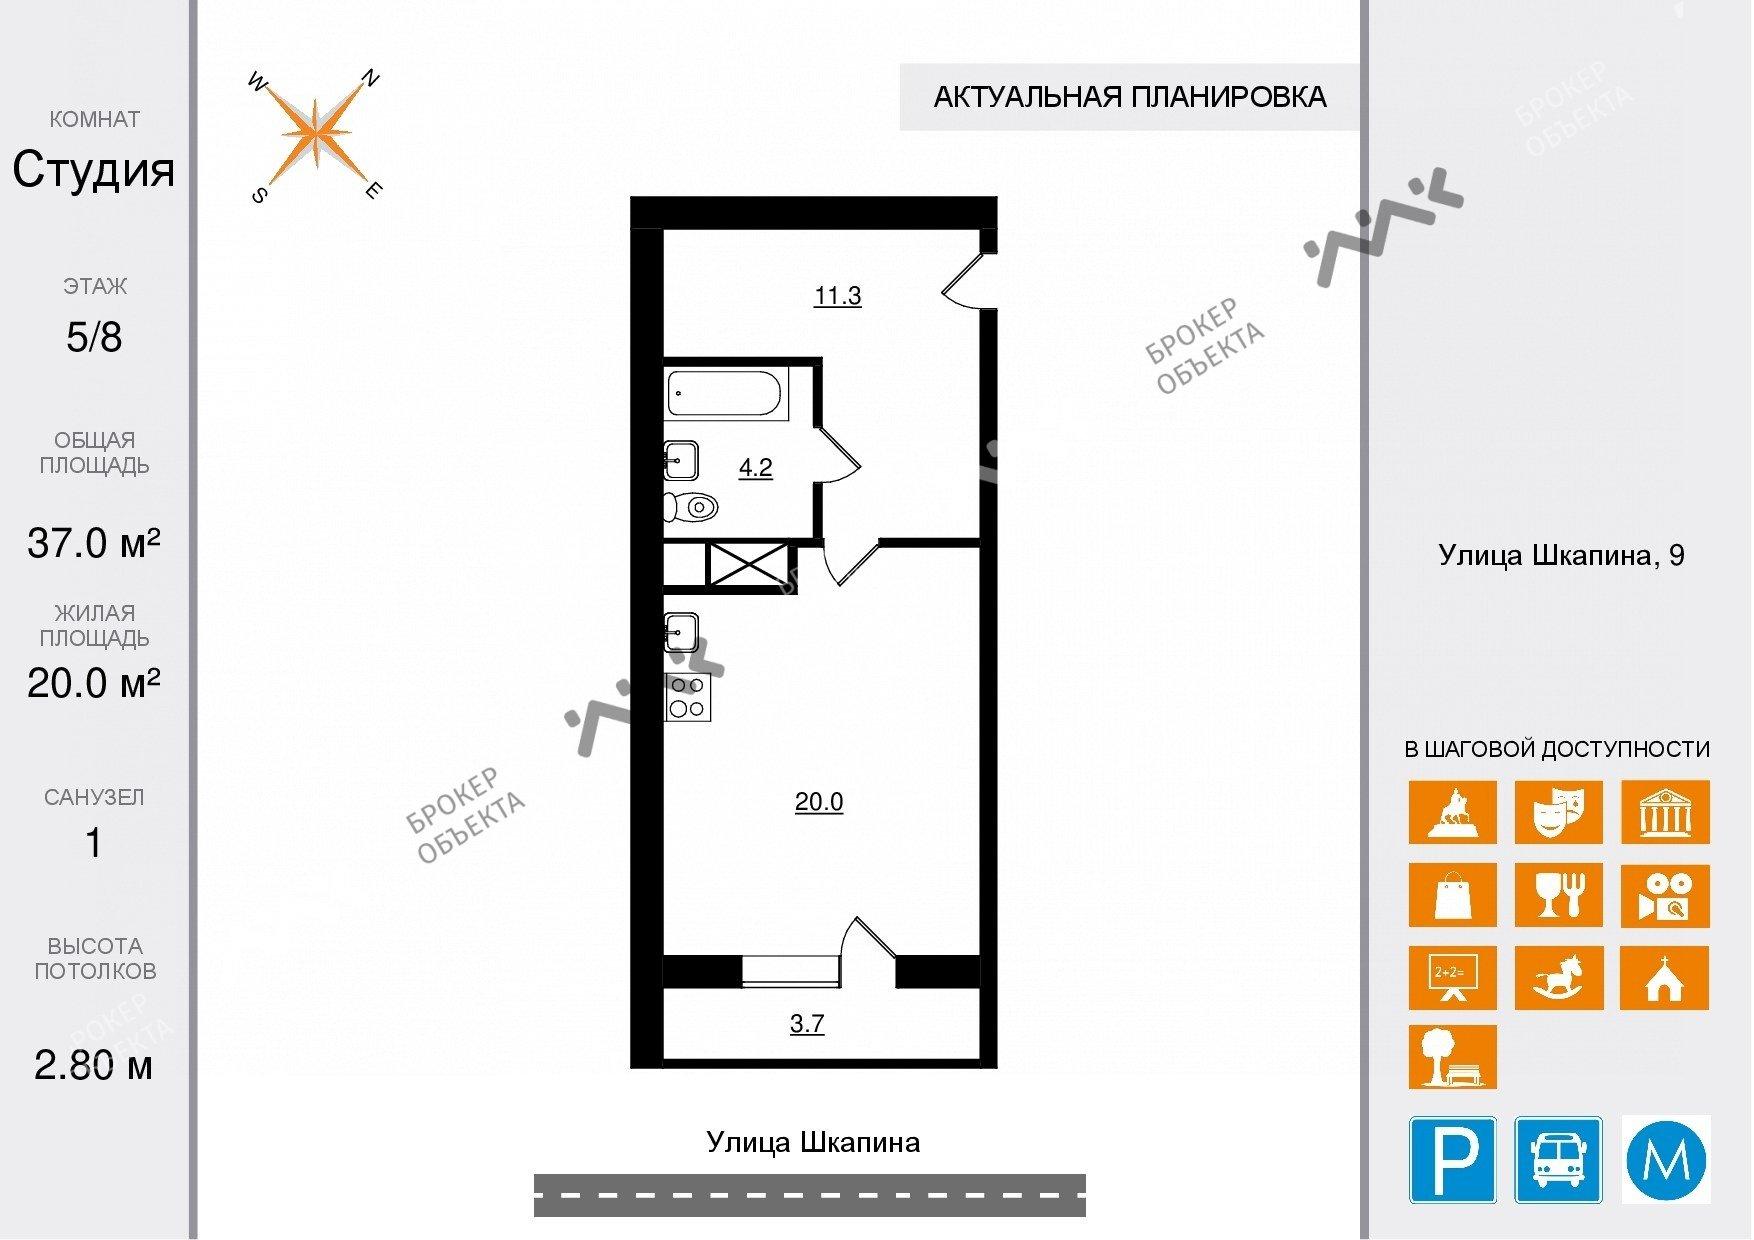 Планировка Шкапина ул., д.9-11, лит.А. Лот № 23643731